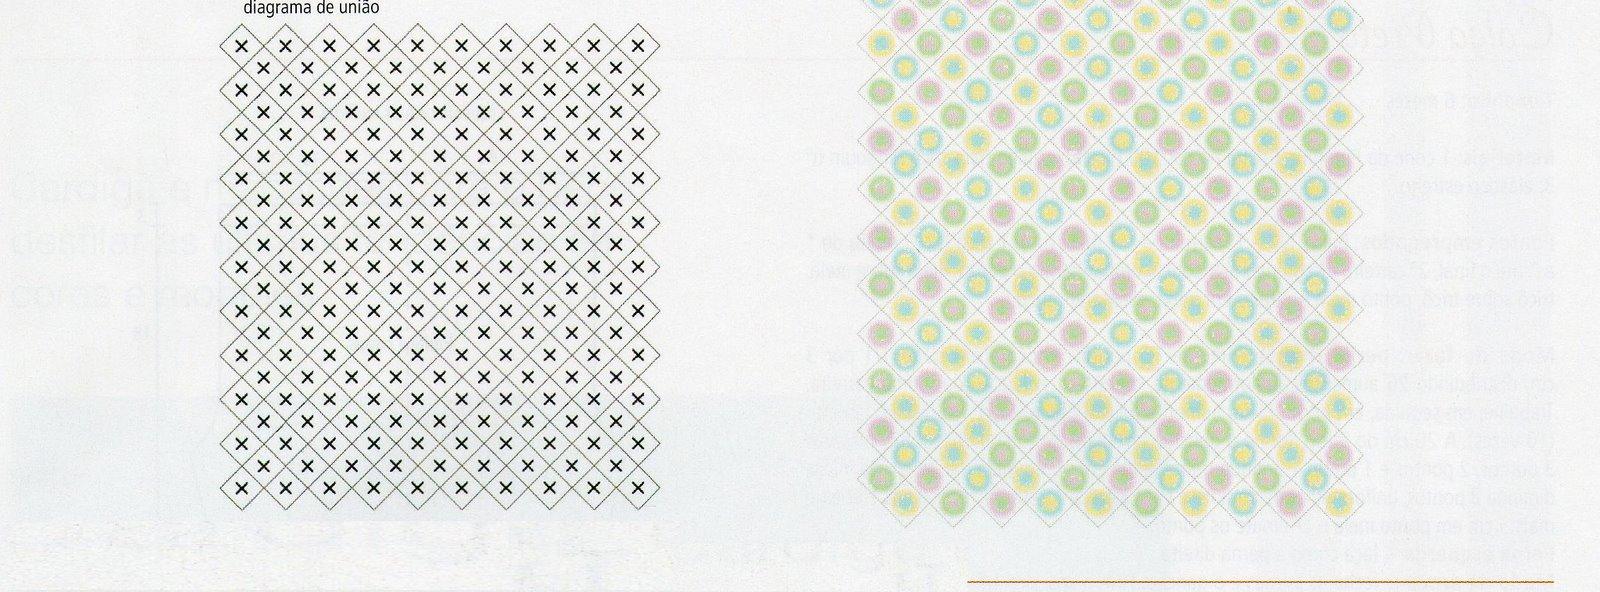 pastel-baby-granny-blanket-pattern-1